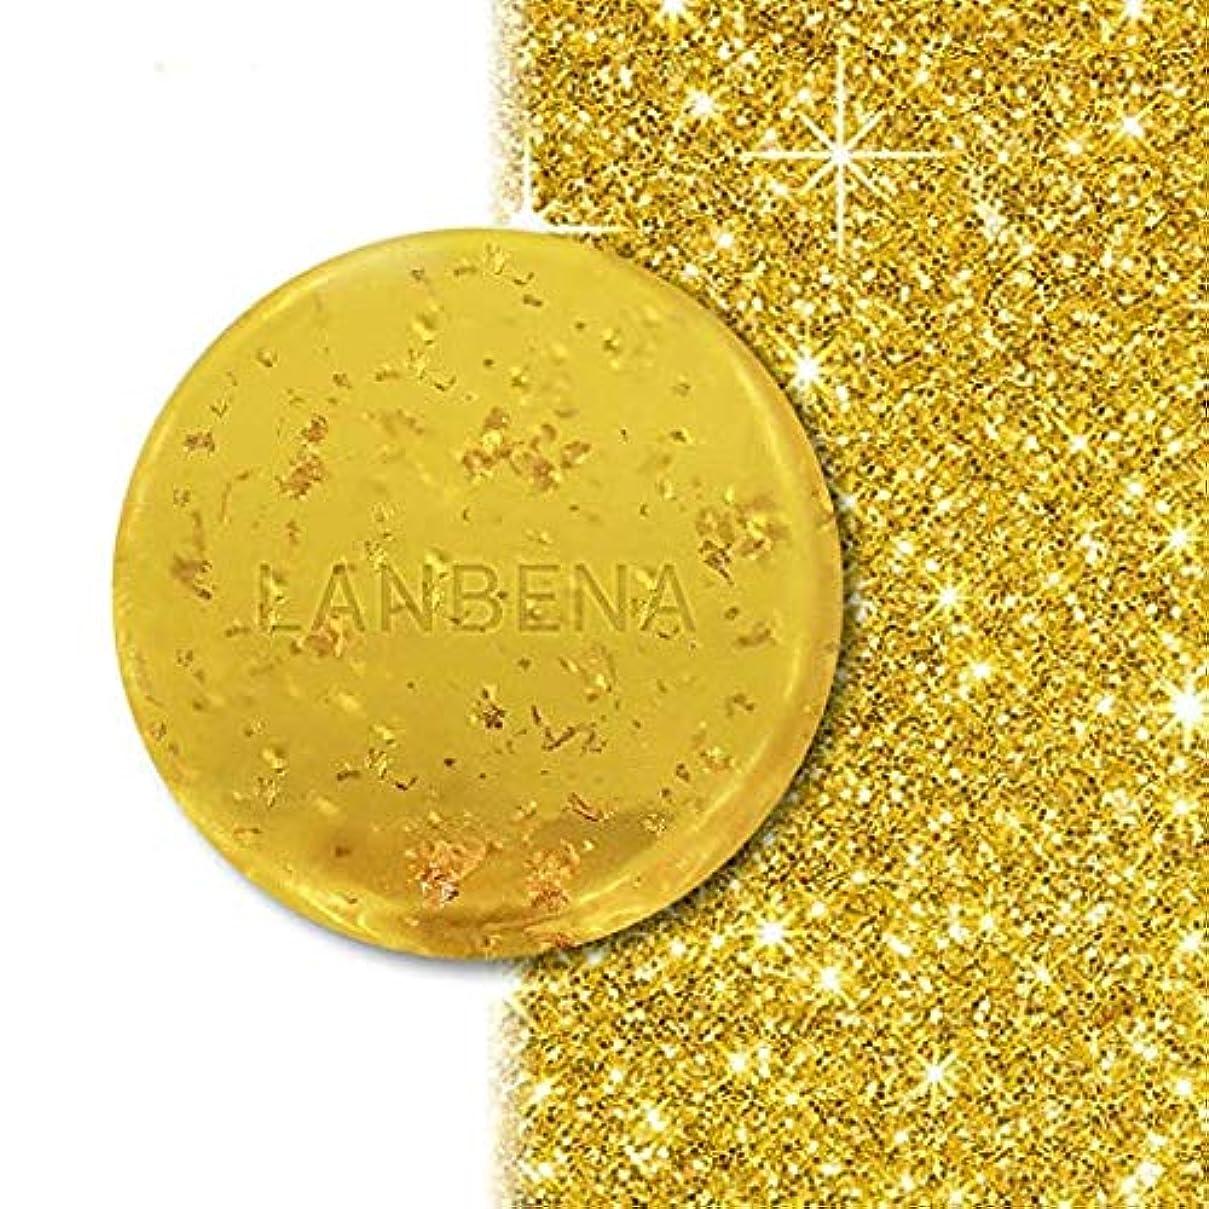 シダ閉塞インスタンス24Kゴールドハンドメイドハーブソープ海藻ディープクレンジングモイスチャライジング肌の美白、しわの発生を最小限に抑える、肌の色合いを引き締める、健康なシャンプー、ファインラインフェイスケア24K Gold Handmade...